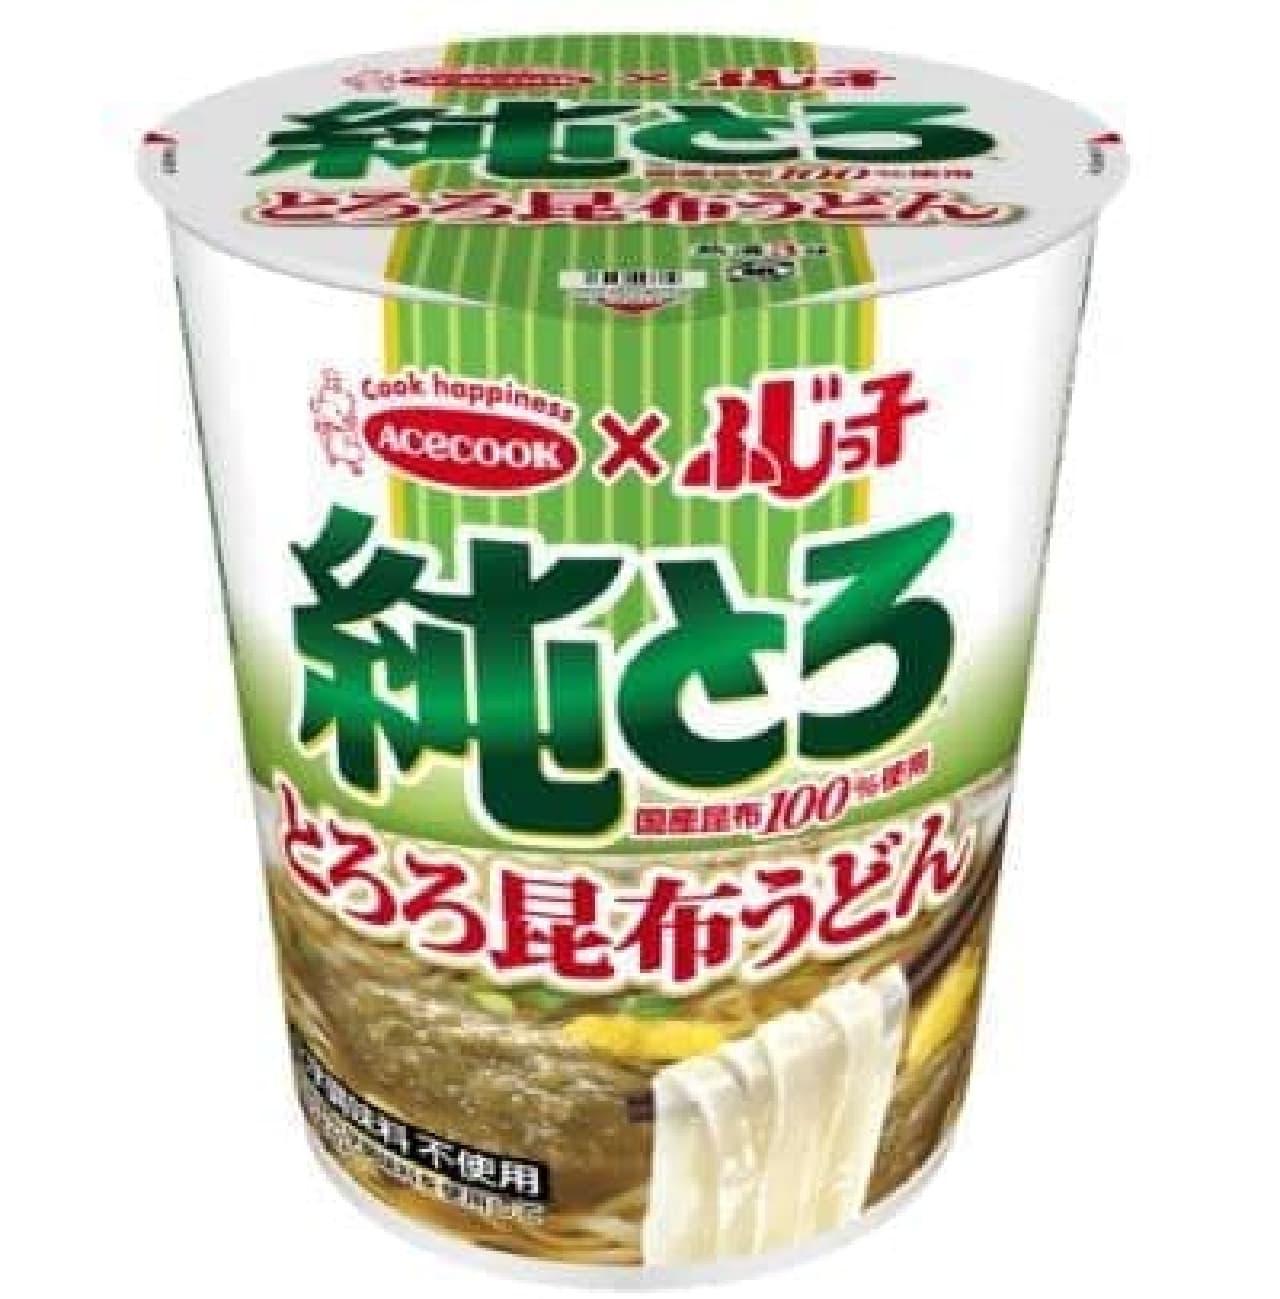 ふじっ子 純とろ とろろ昆布うどんは、滑らかで喉越しの良いうどんが使われた和風カップ麺